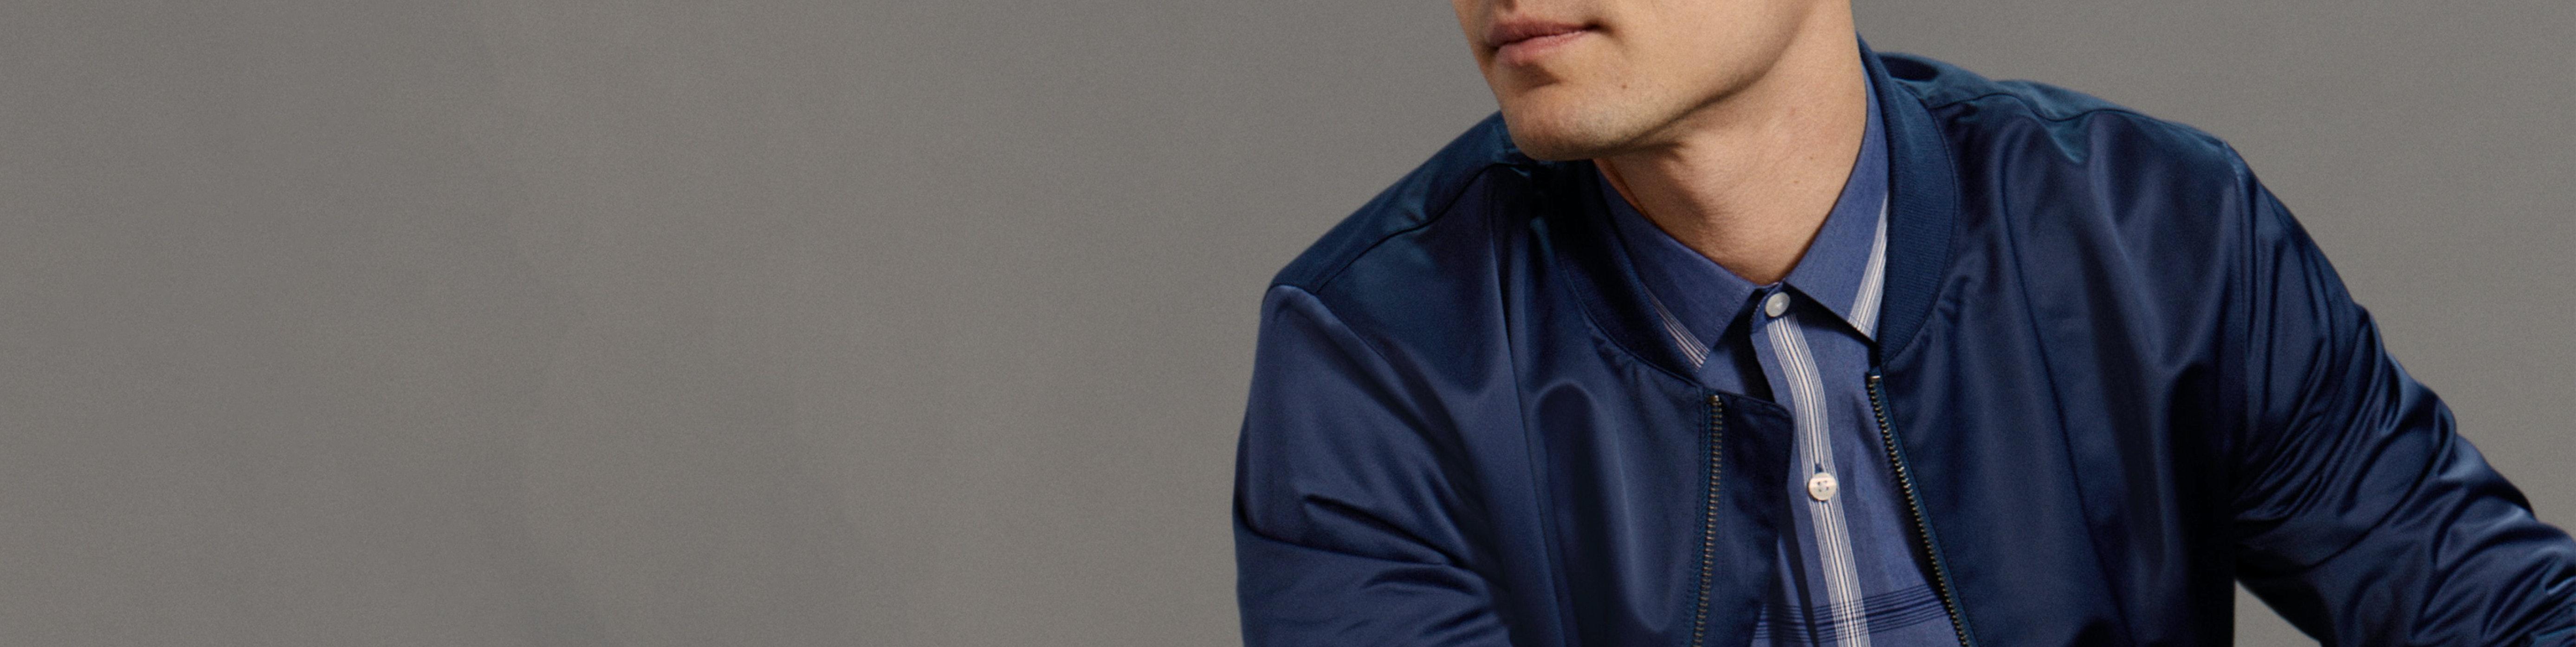 Coats Hero Image